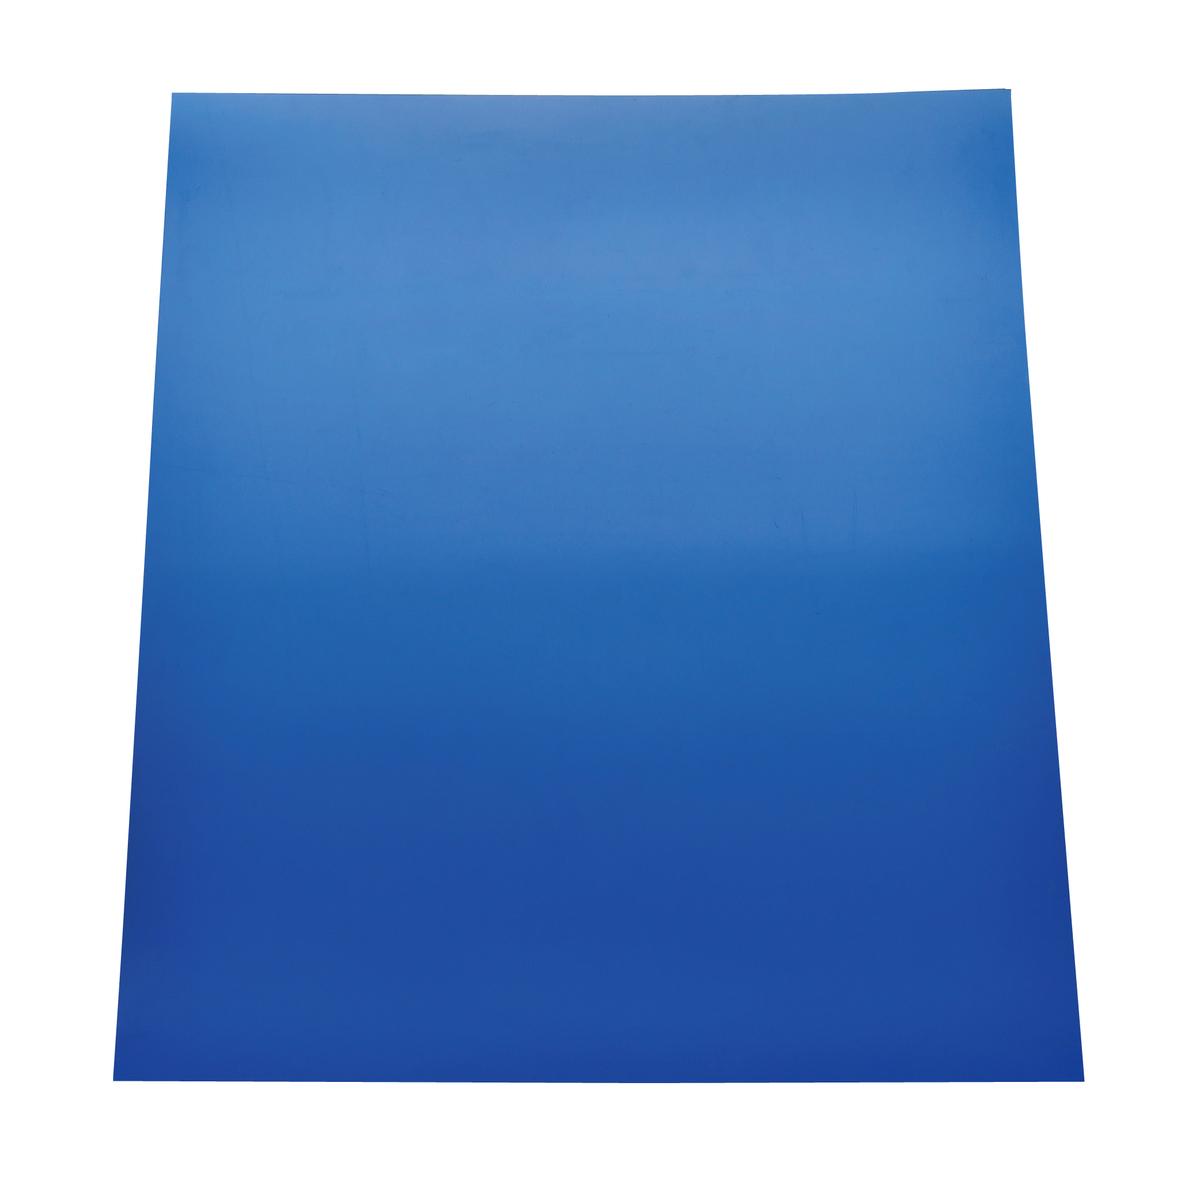 タレゴム EVA 900×600×3 青 1枚